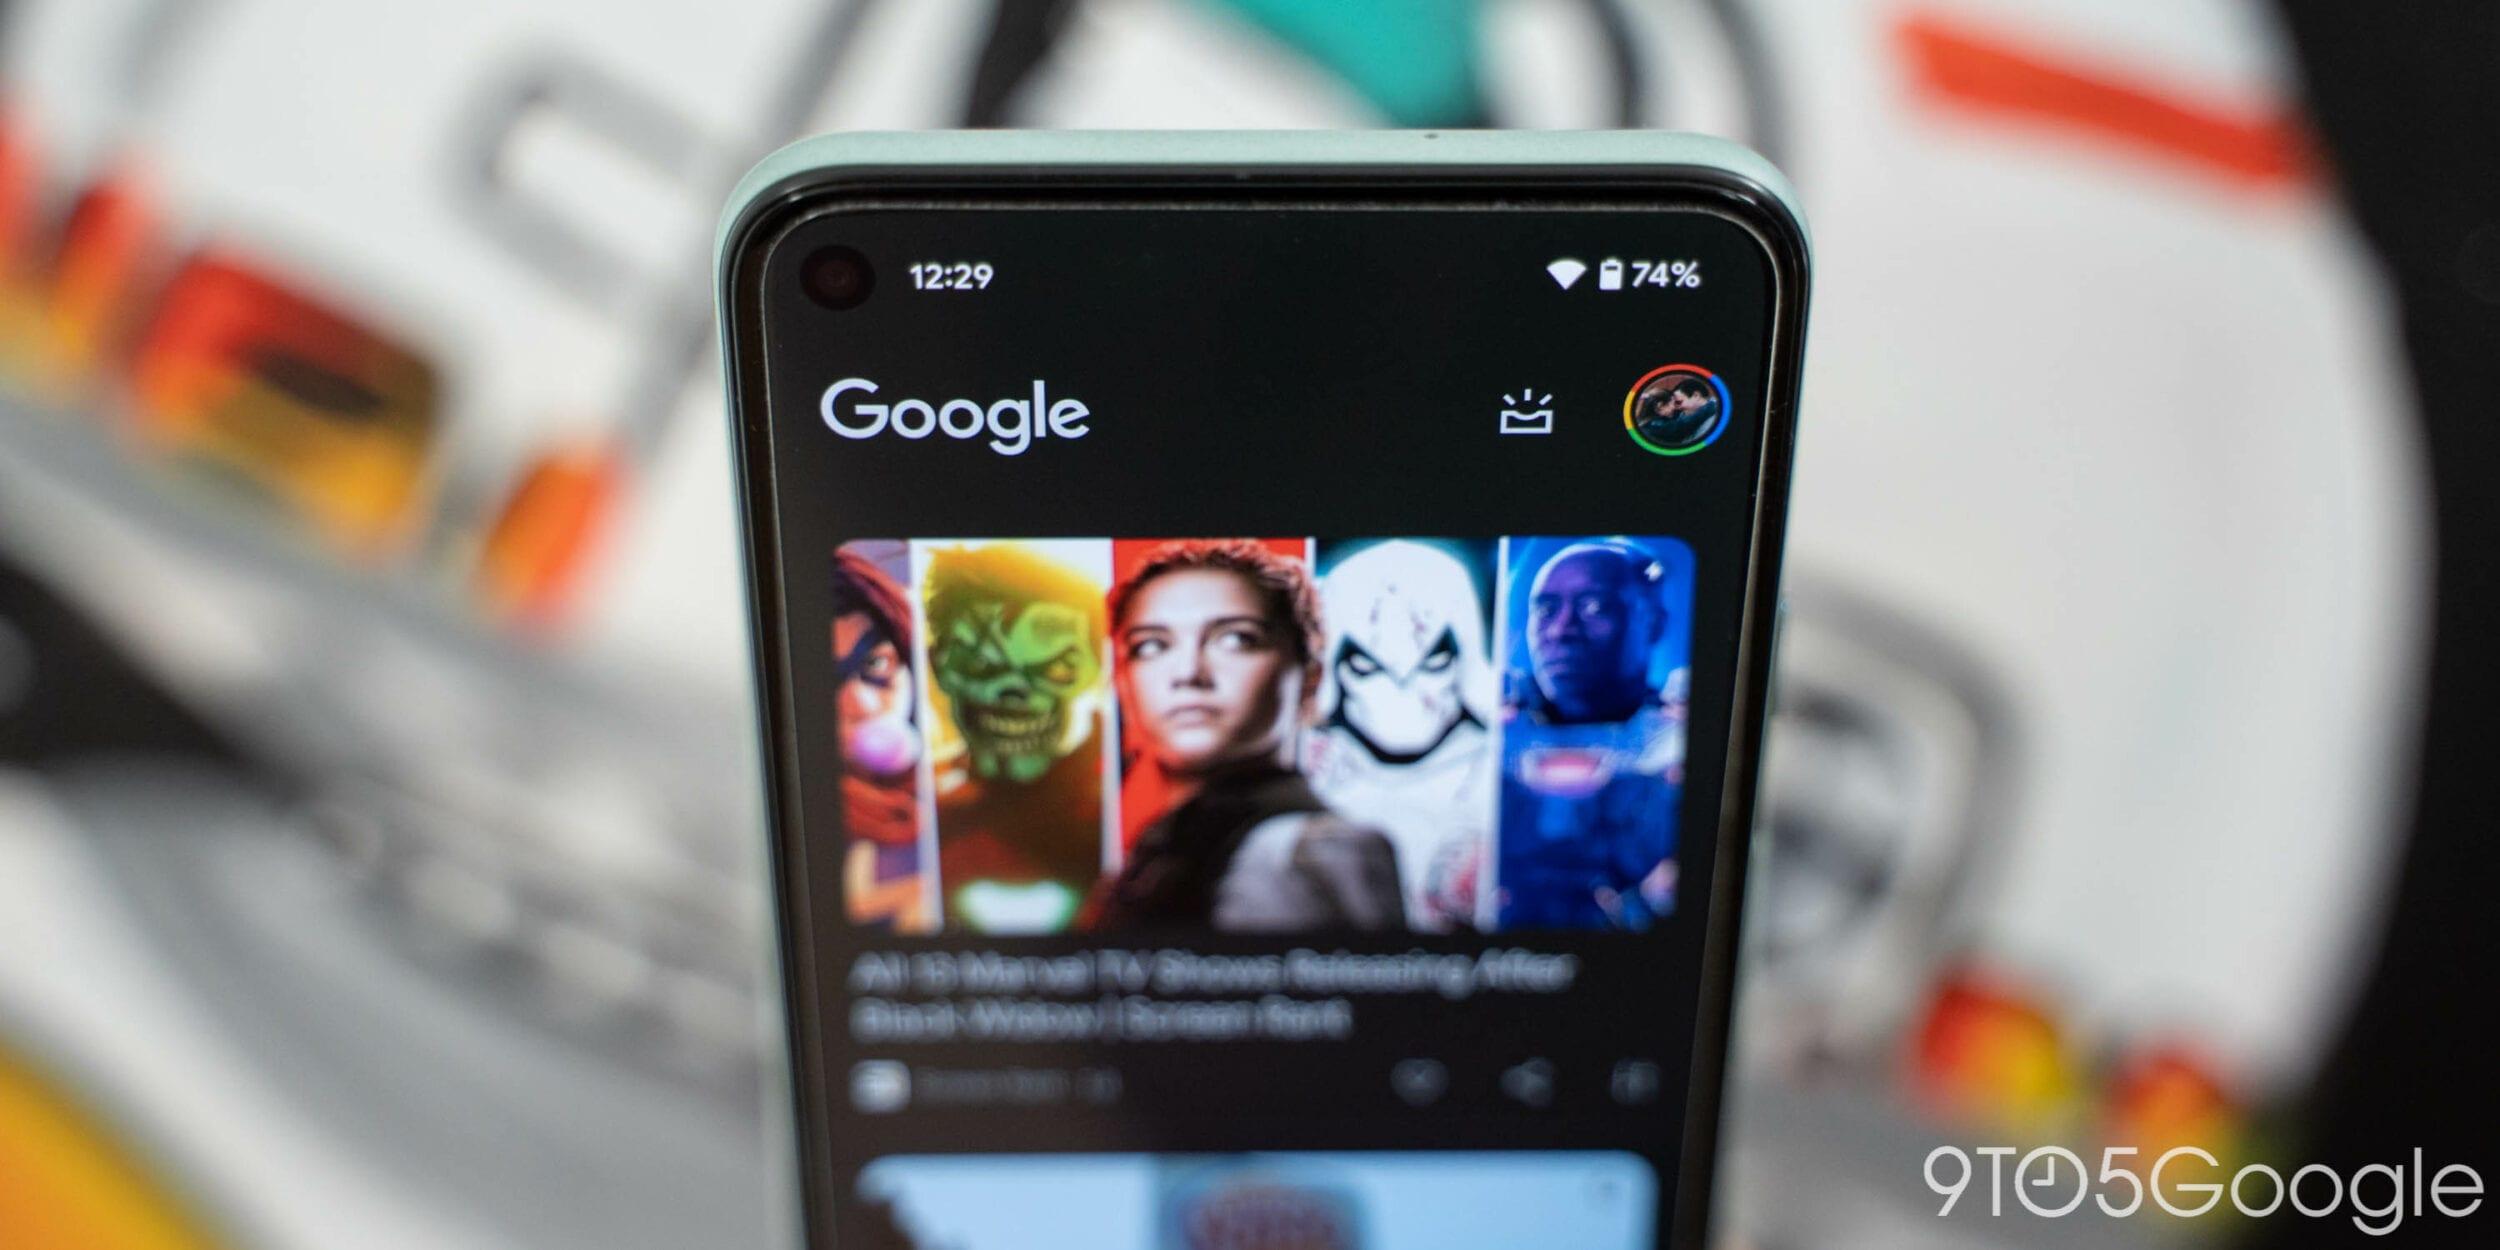 Il Material You arriva sull'ultima beta dell'app Google che si colora di nuove tinte pastello (foto)